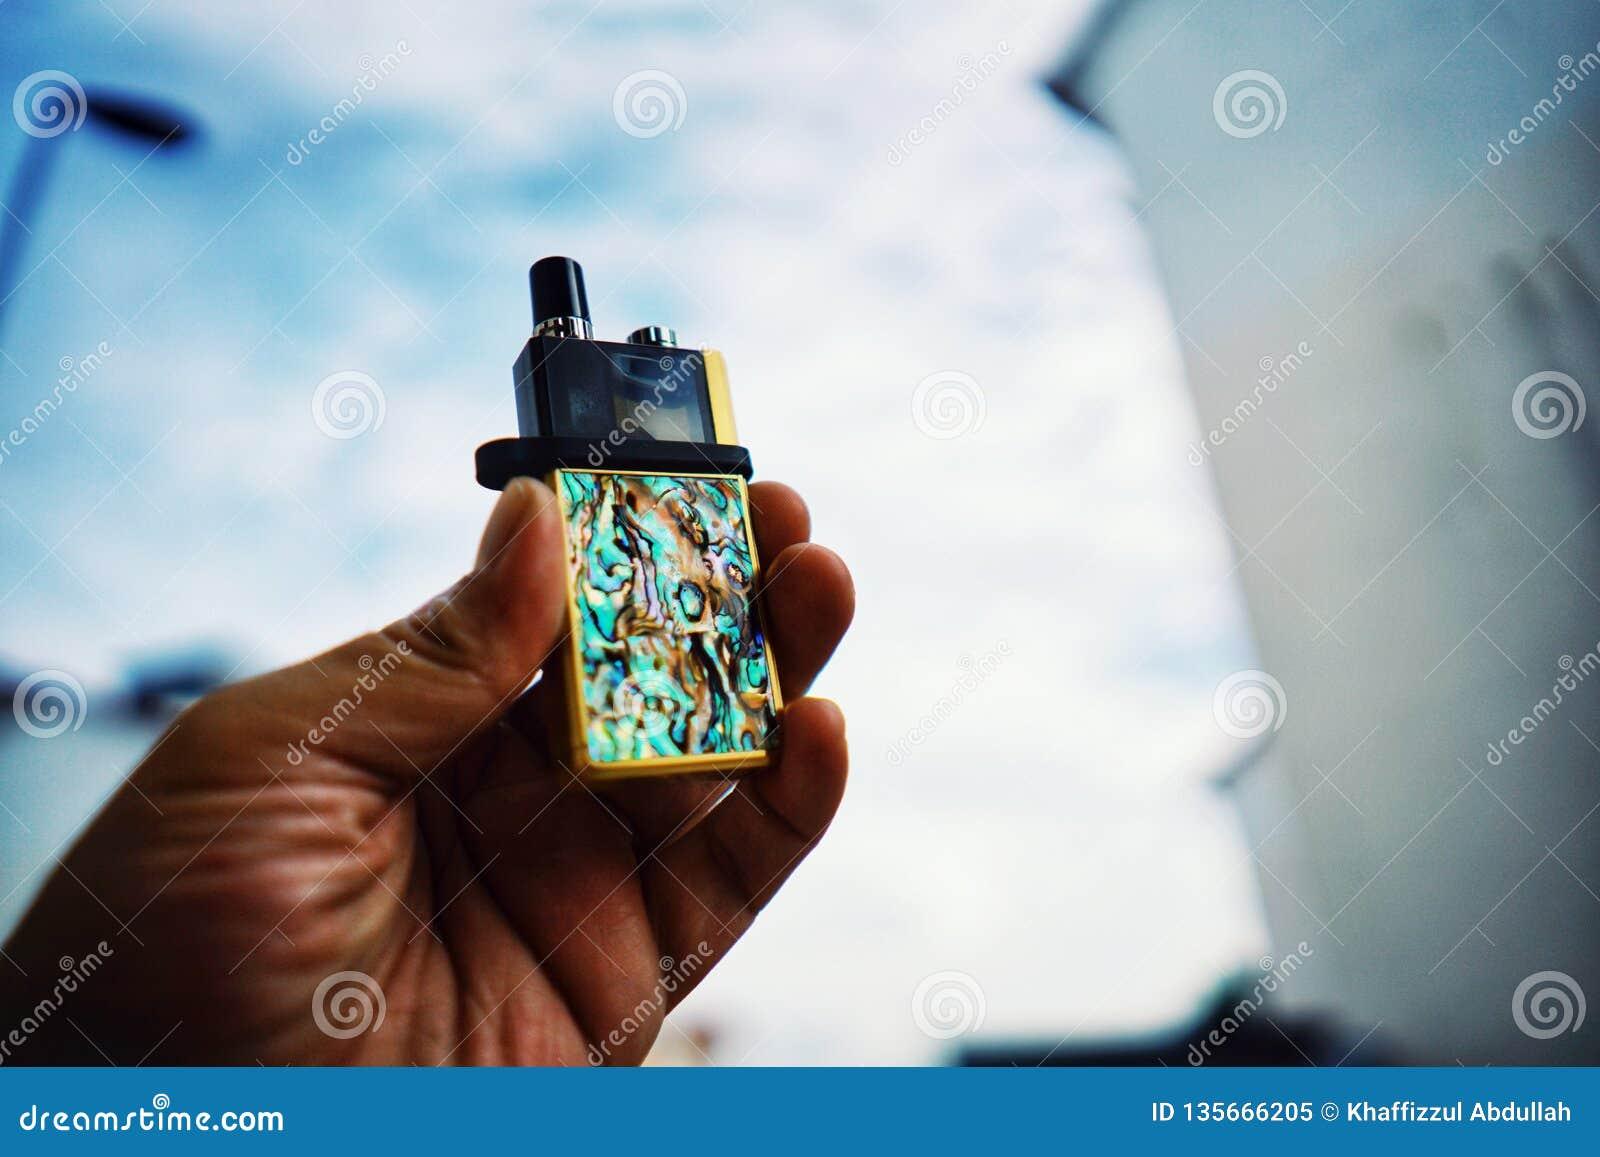 Νέο σύστημα λοβών Vape για την εναλλακτική λύση συνήθειας καπνίσματος σε ετοιμότητα